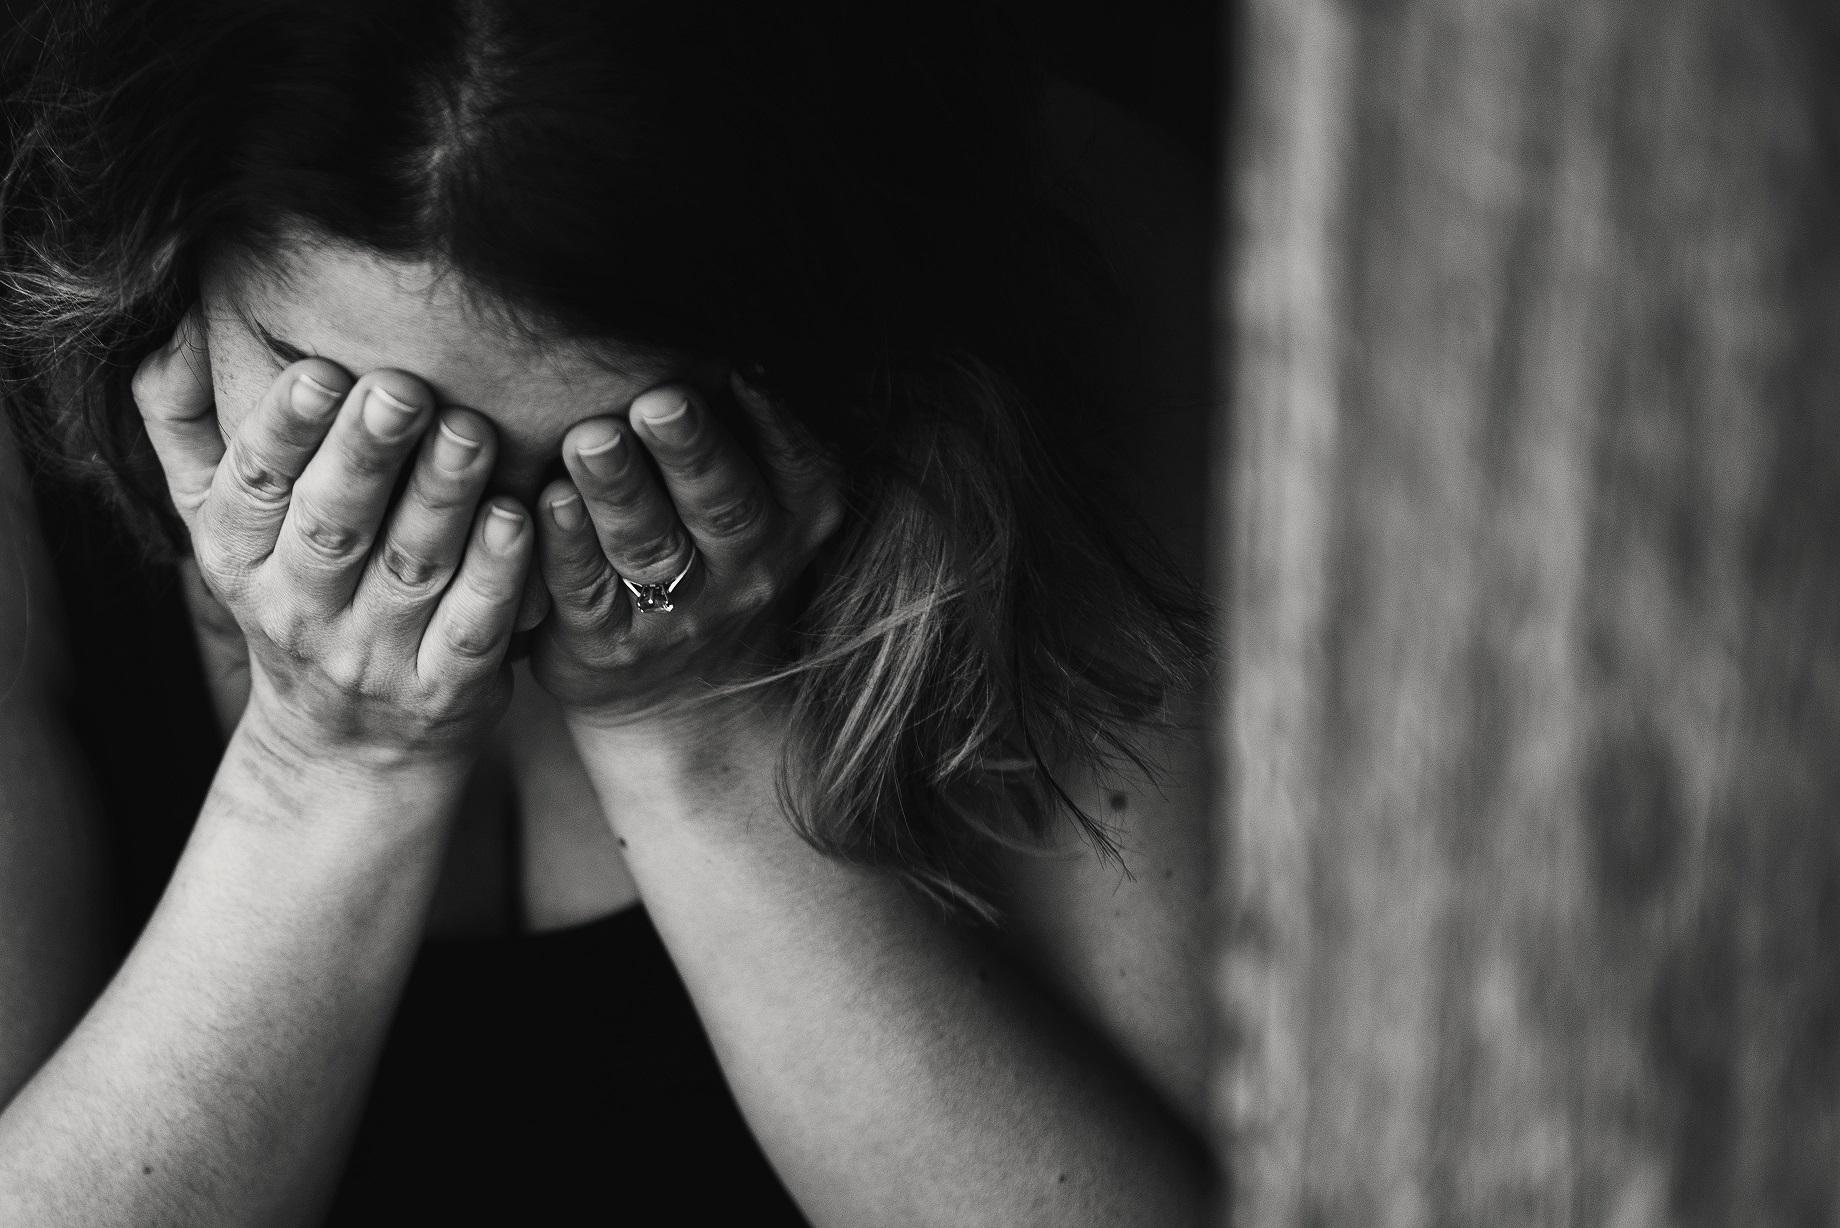 実父からの性的虐待、風俗、リストカット……。二人の娘を抱えながら「家族」を欲する - 37歳女性